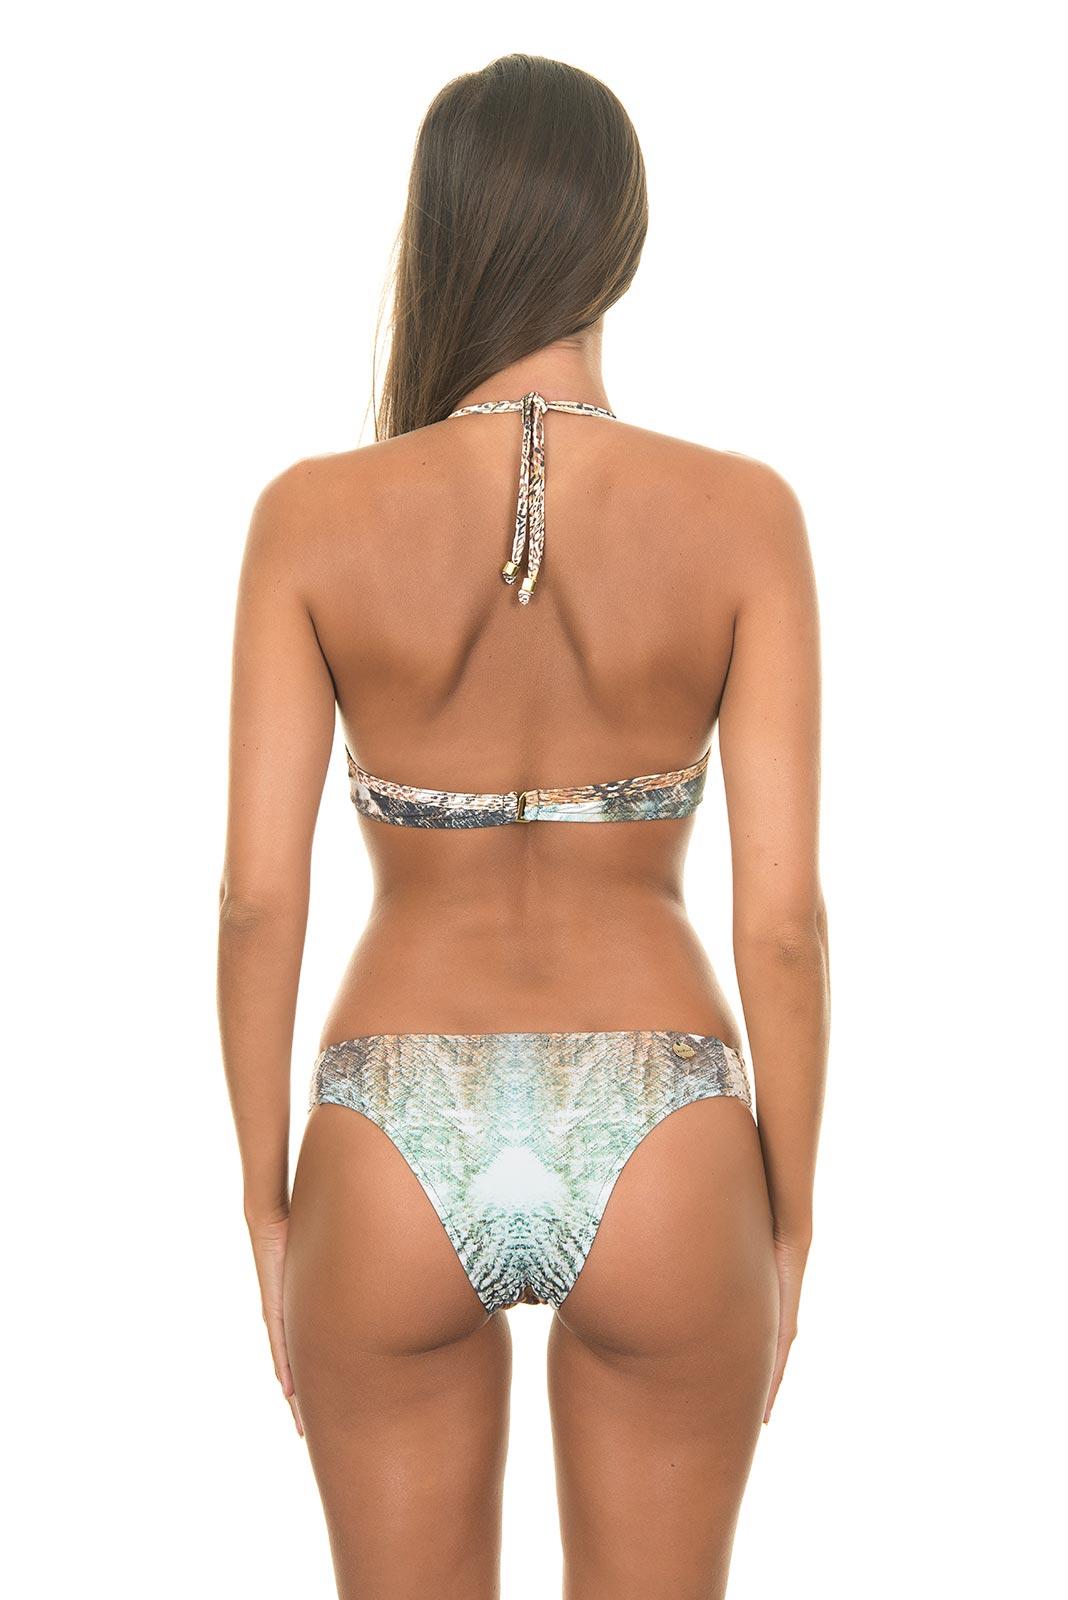 bikini micros photo